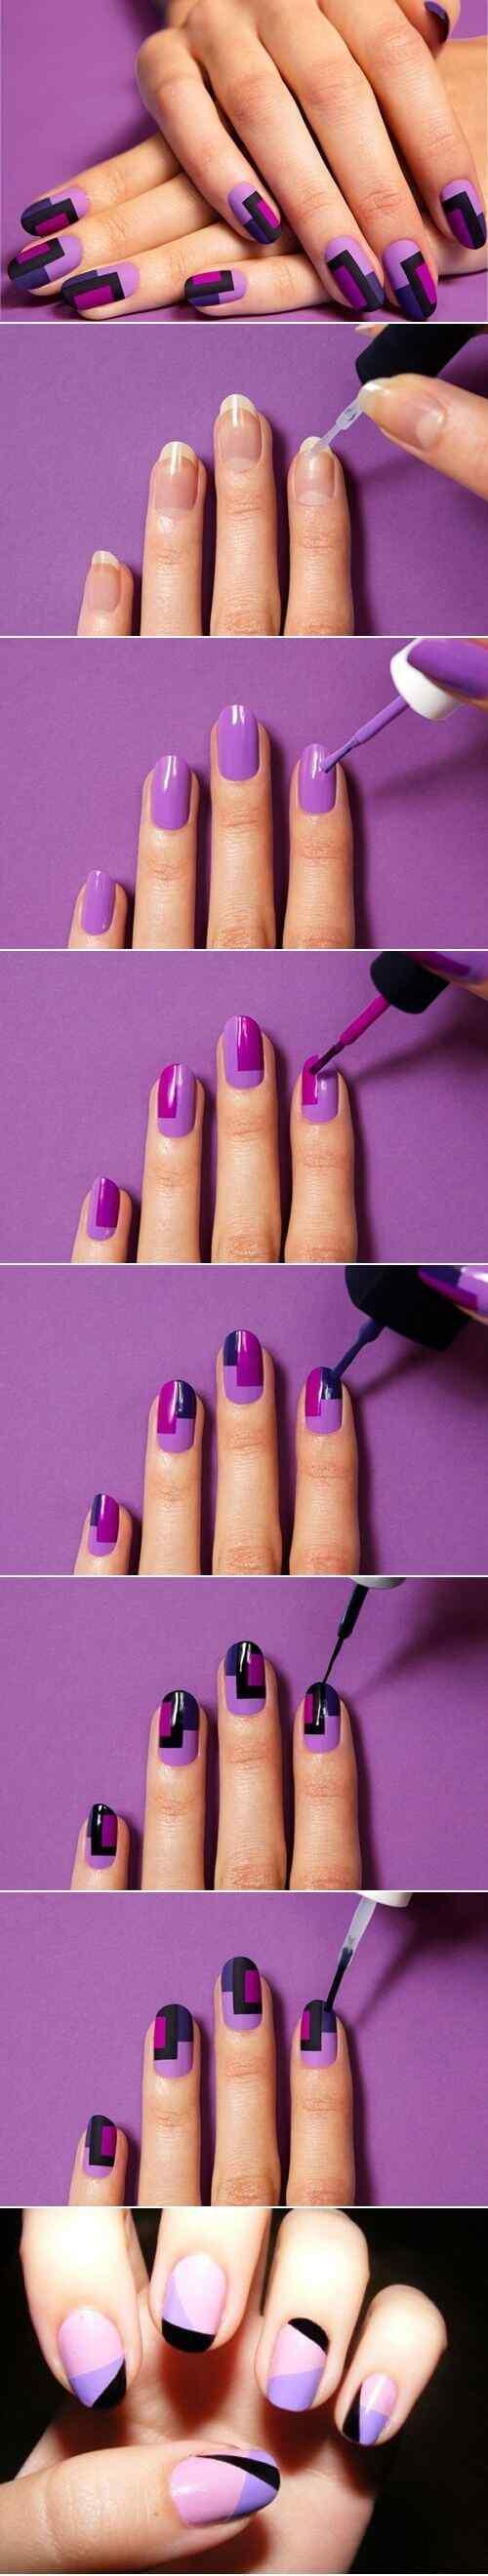 decoracion de unas purpura (4)